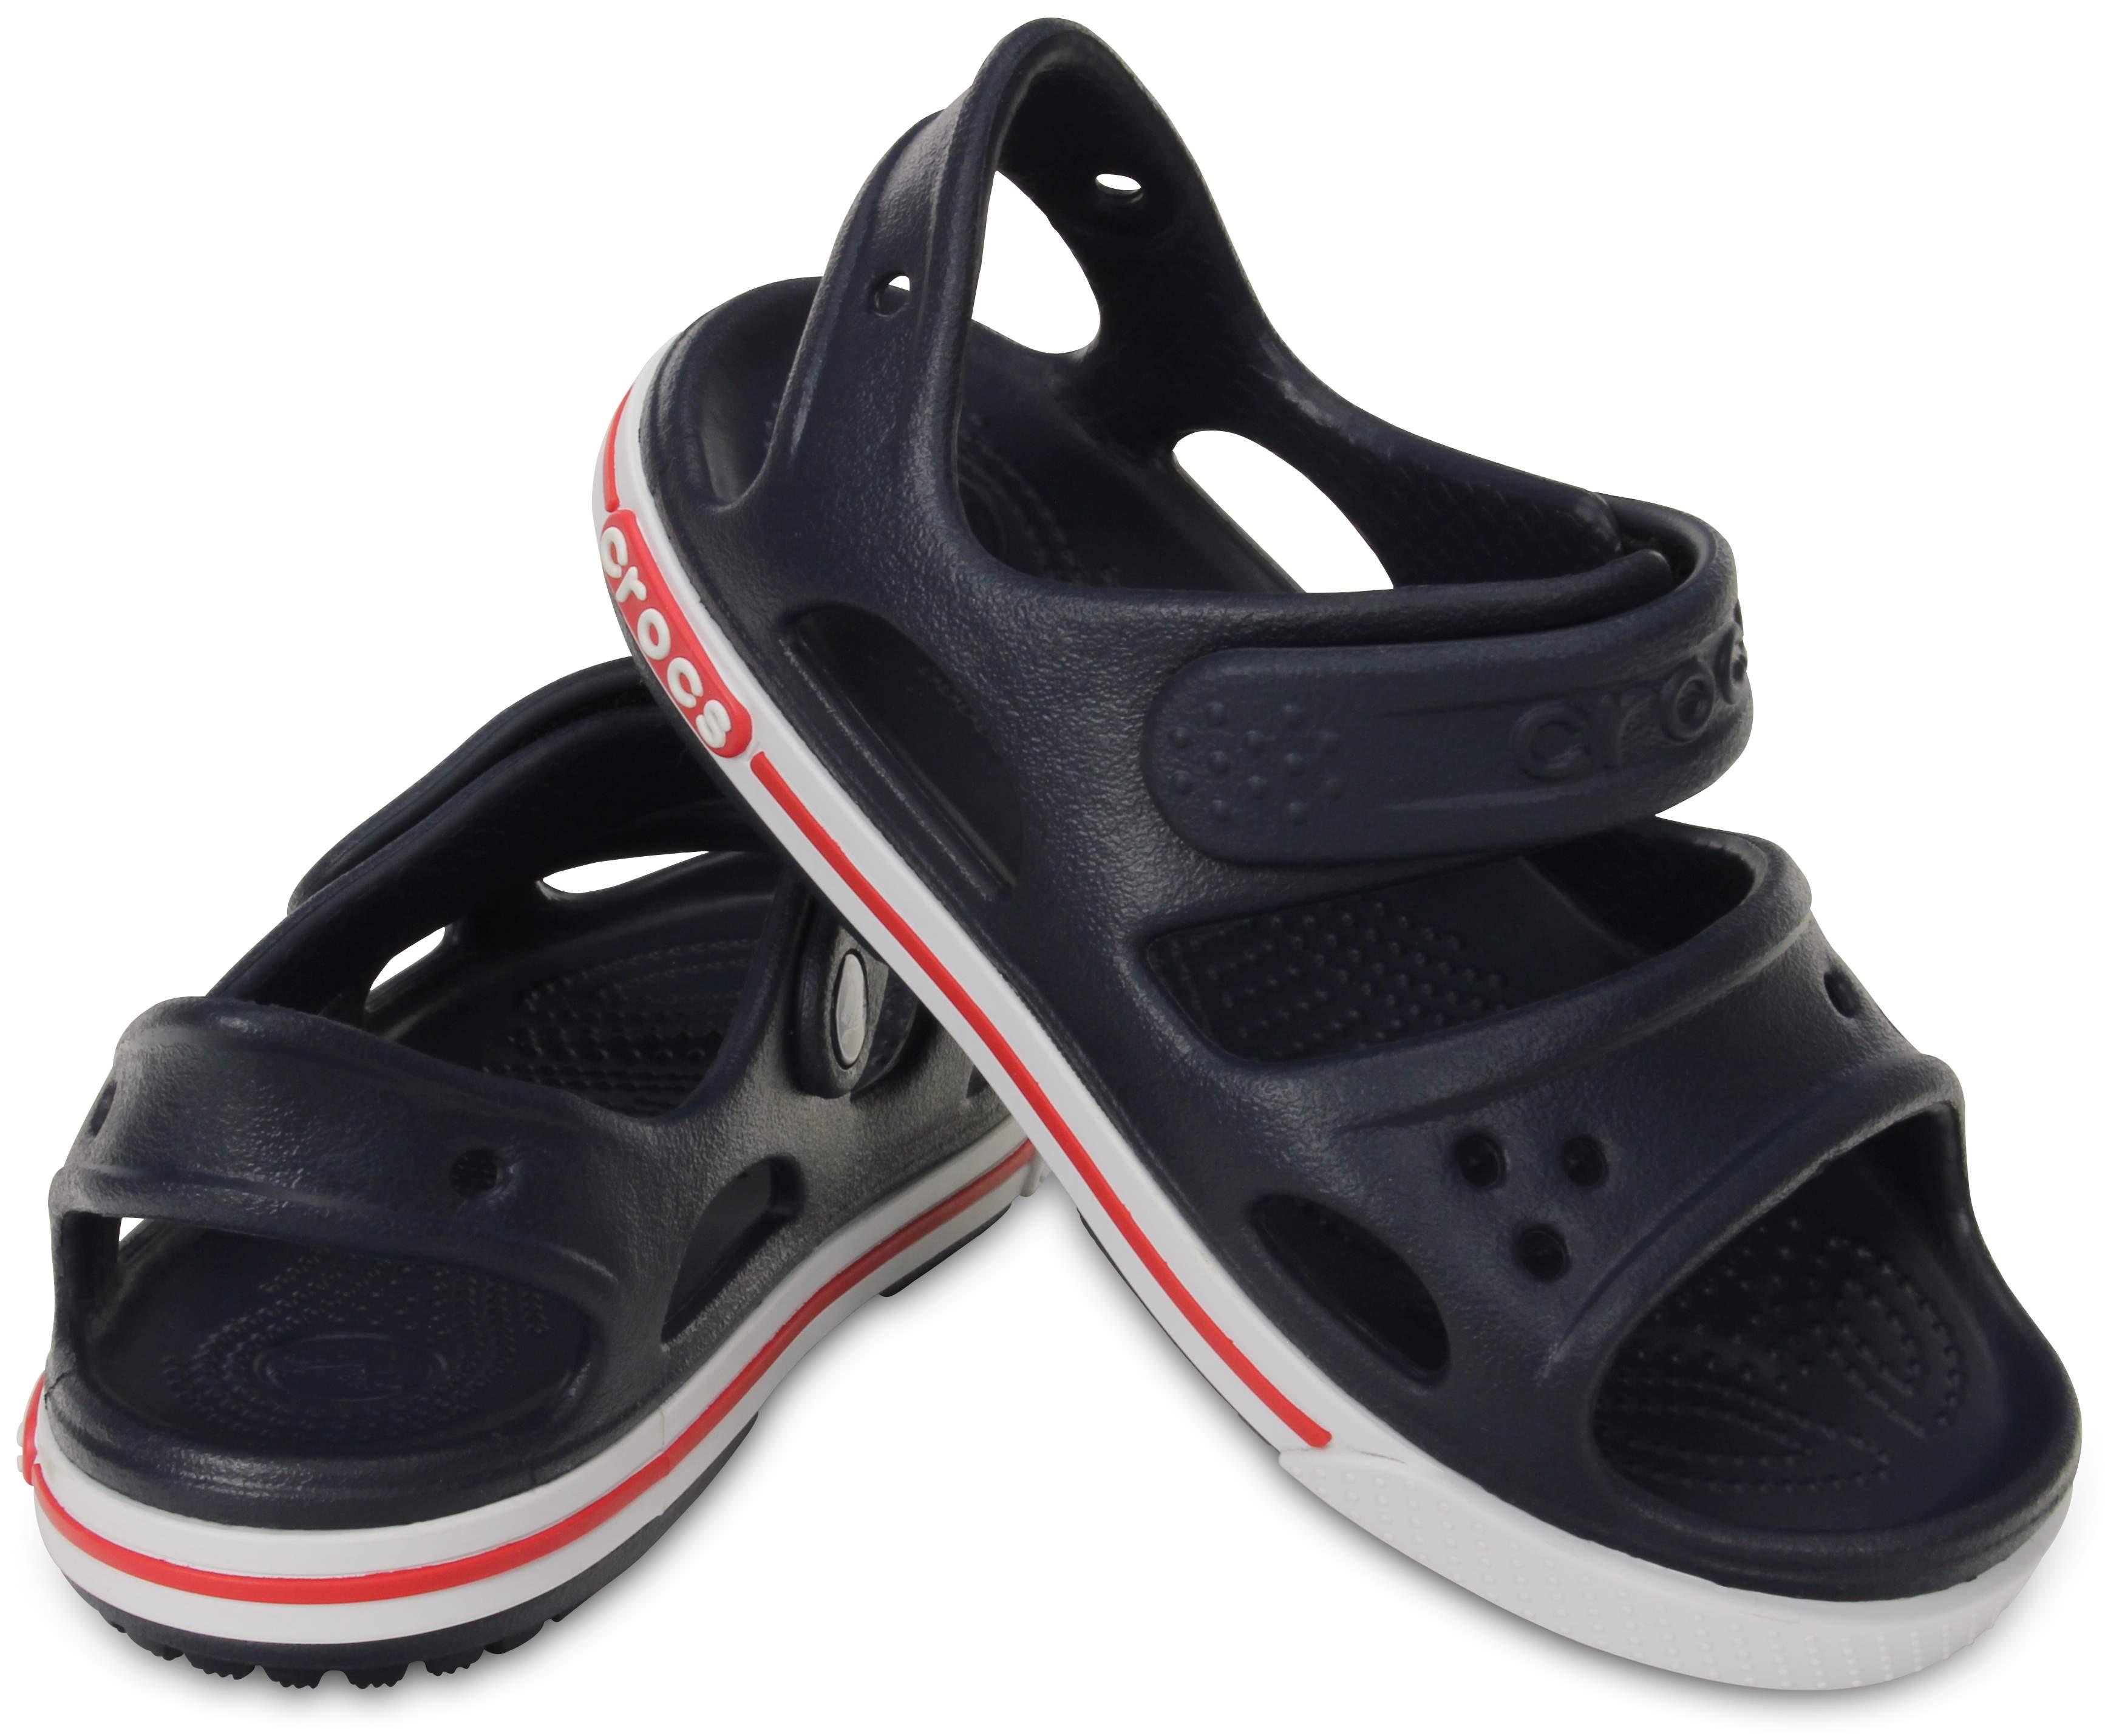 【クロックス公式】 クロックバンド 2.0 サンダル PS Kids' Crocband II Sandal ユニセックス、キッズ、子供用、男の子、女の子、男女兼用 ブルー/青 13cm,14cm,15cm,19.5cm,20cm,21cm sandal サンダル